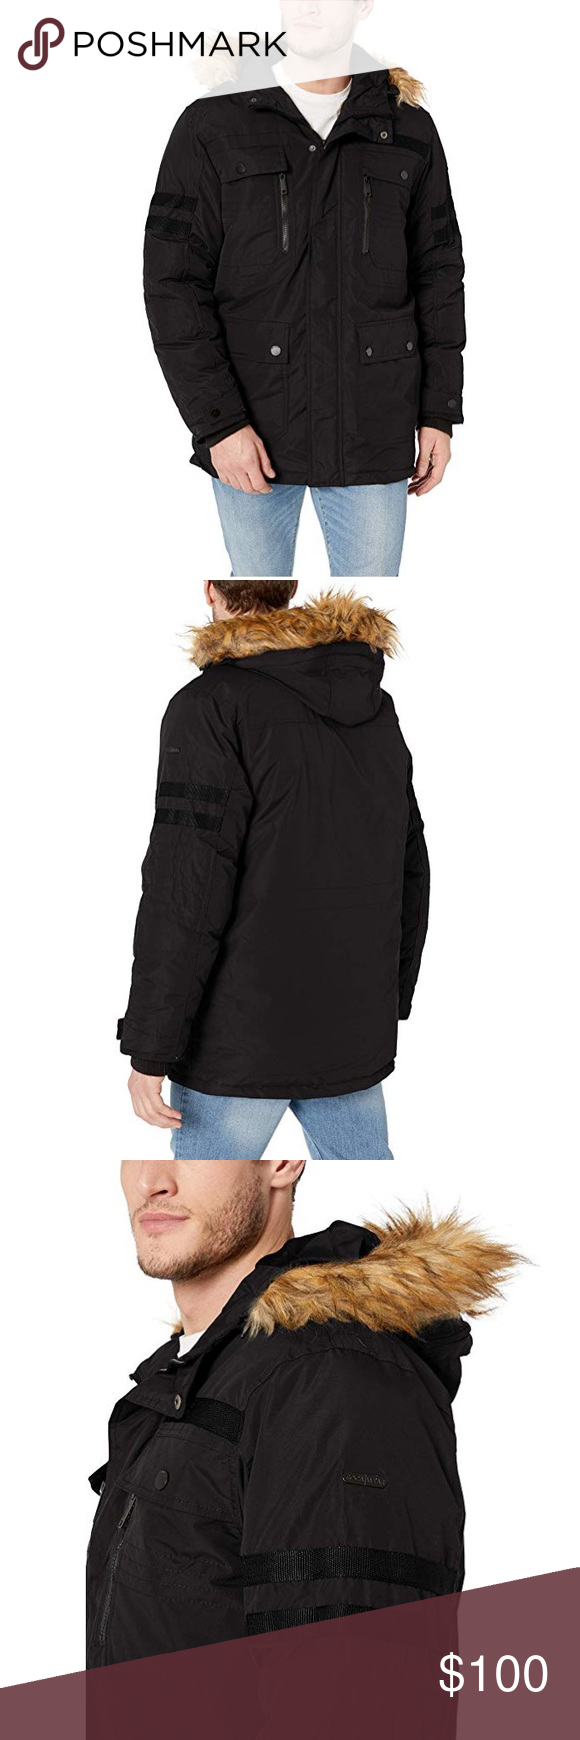 Rocawear Men S Heavyweight Long Parka Jacket Xl Long Parka Jacket Parka Jacket Long Parka [ 1740 x 580 Pixel ]